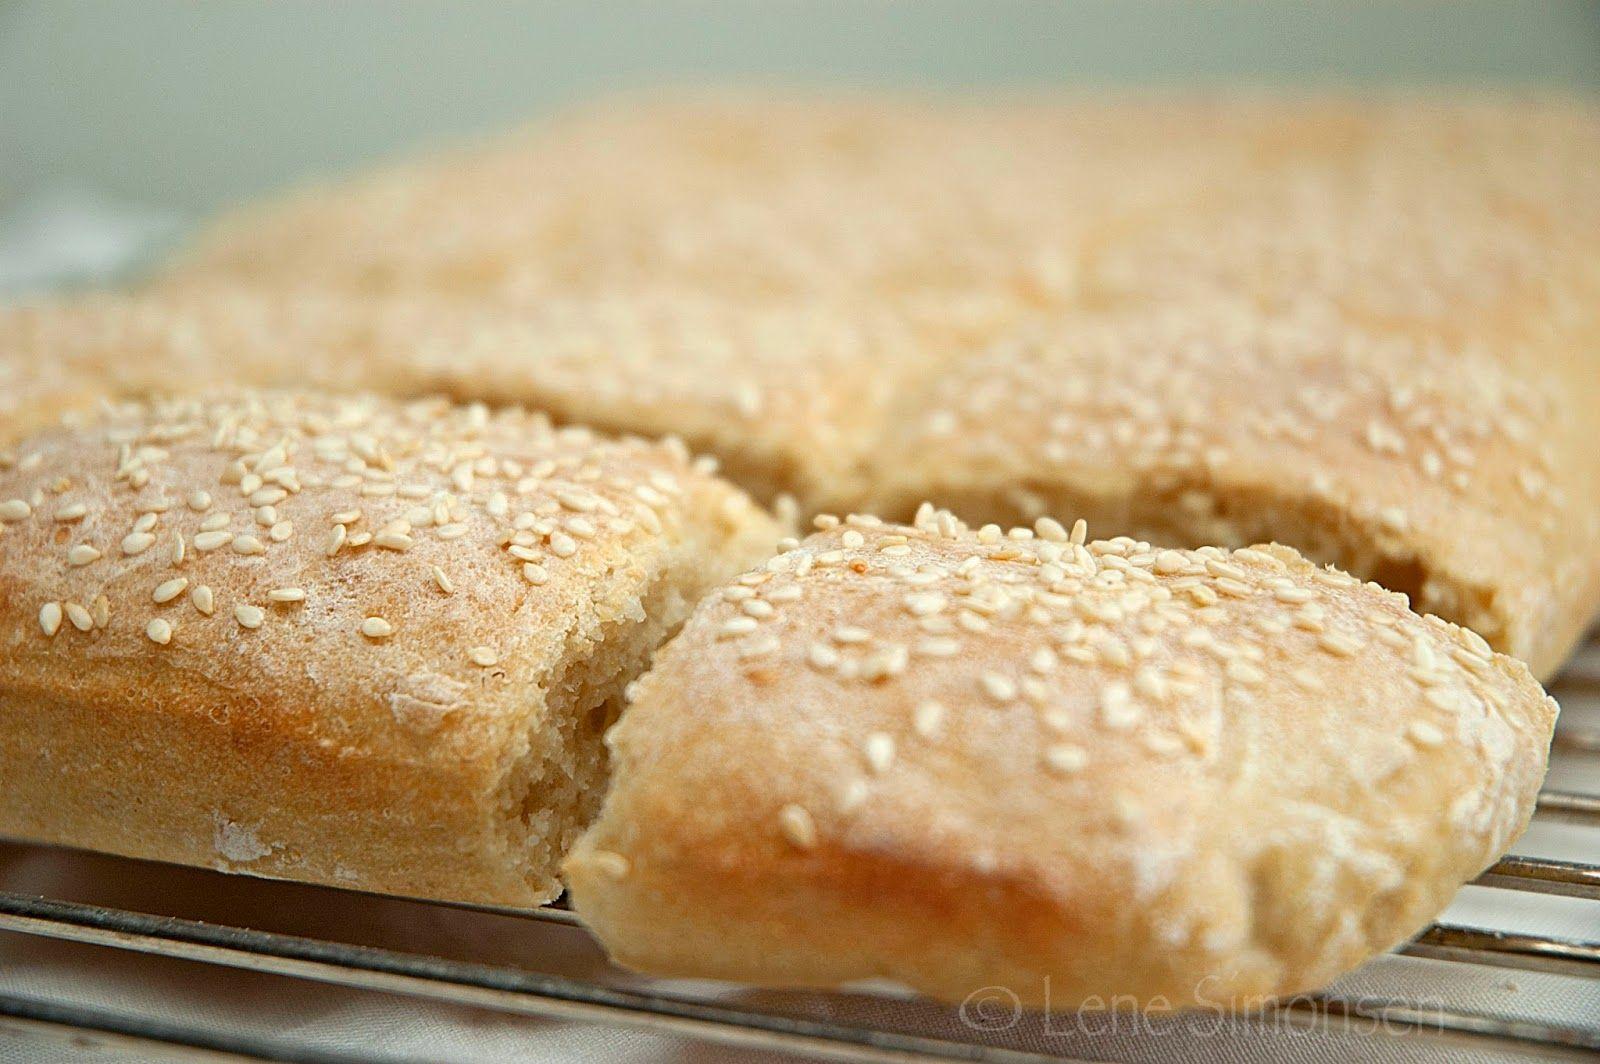 Snadder uten gluten: Brytebrød til hverdags og fest!